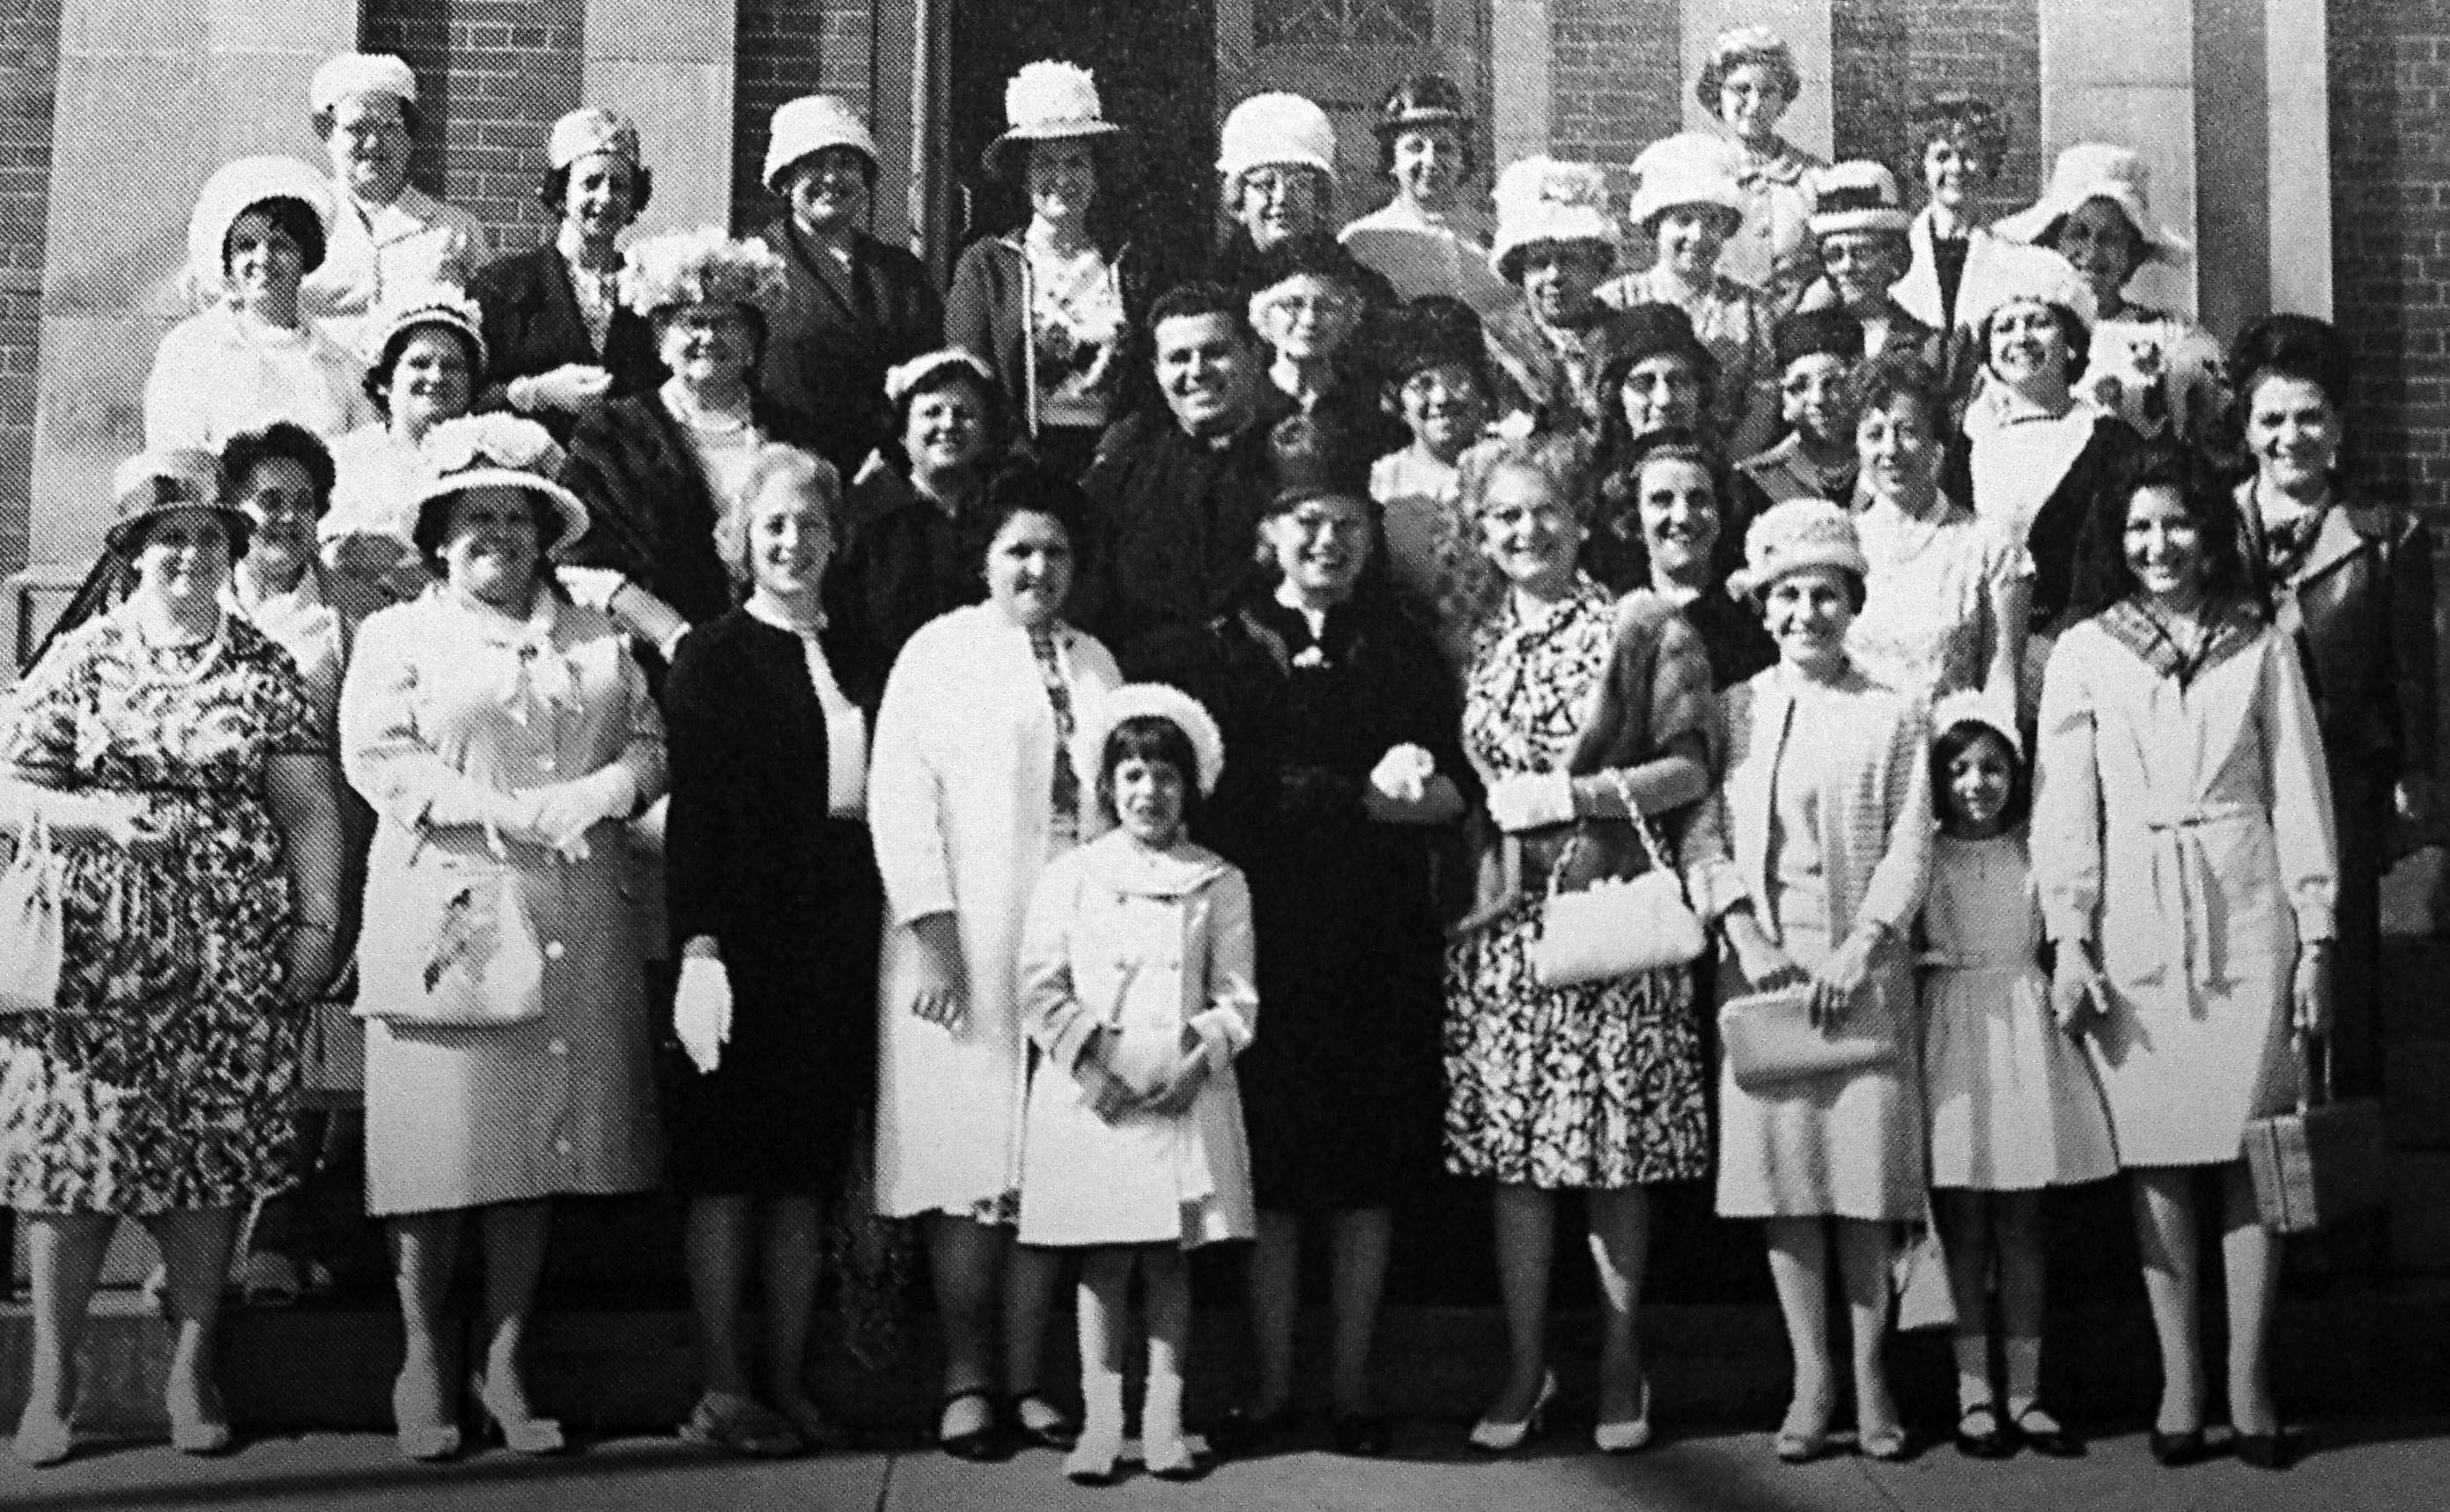 ST. ANNE'S 1965